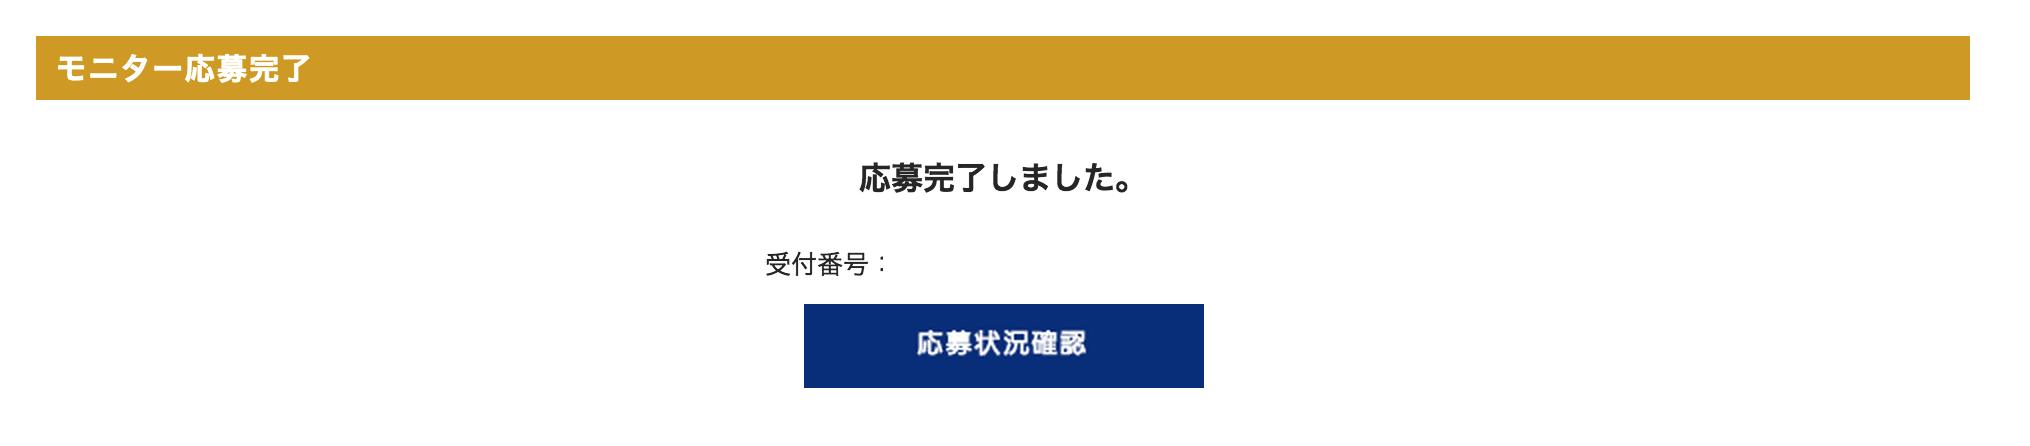 スクリーンショット 2015-01-26 19.30.42